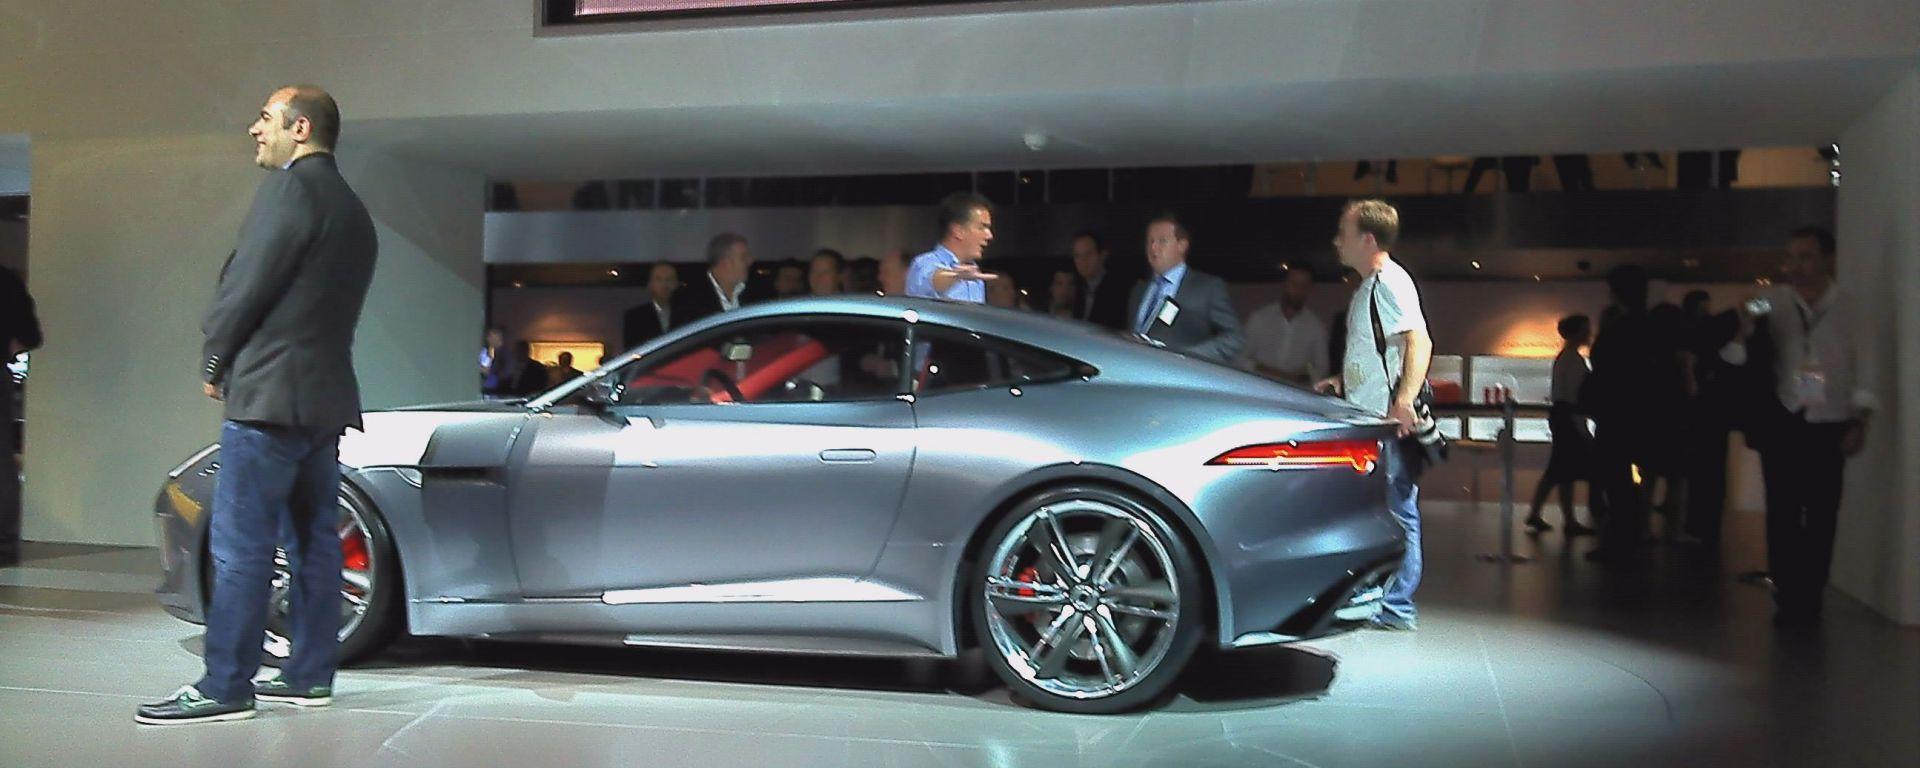 Francoforte IAA 2011: Jaguar C-X16 Concept